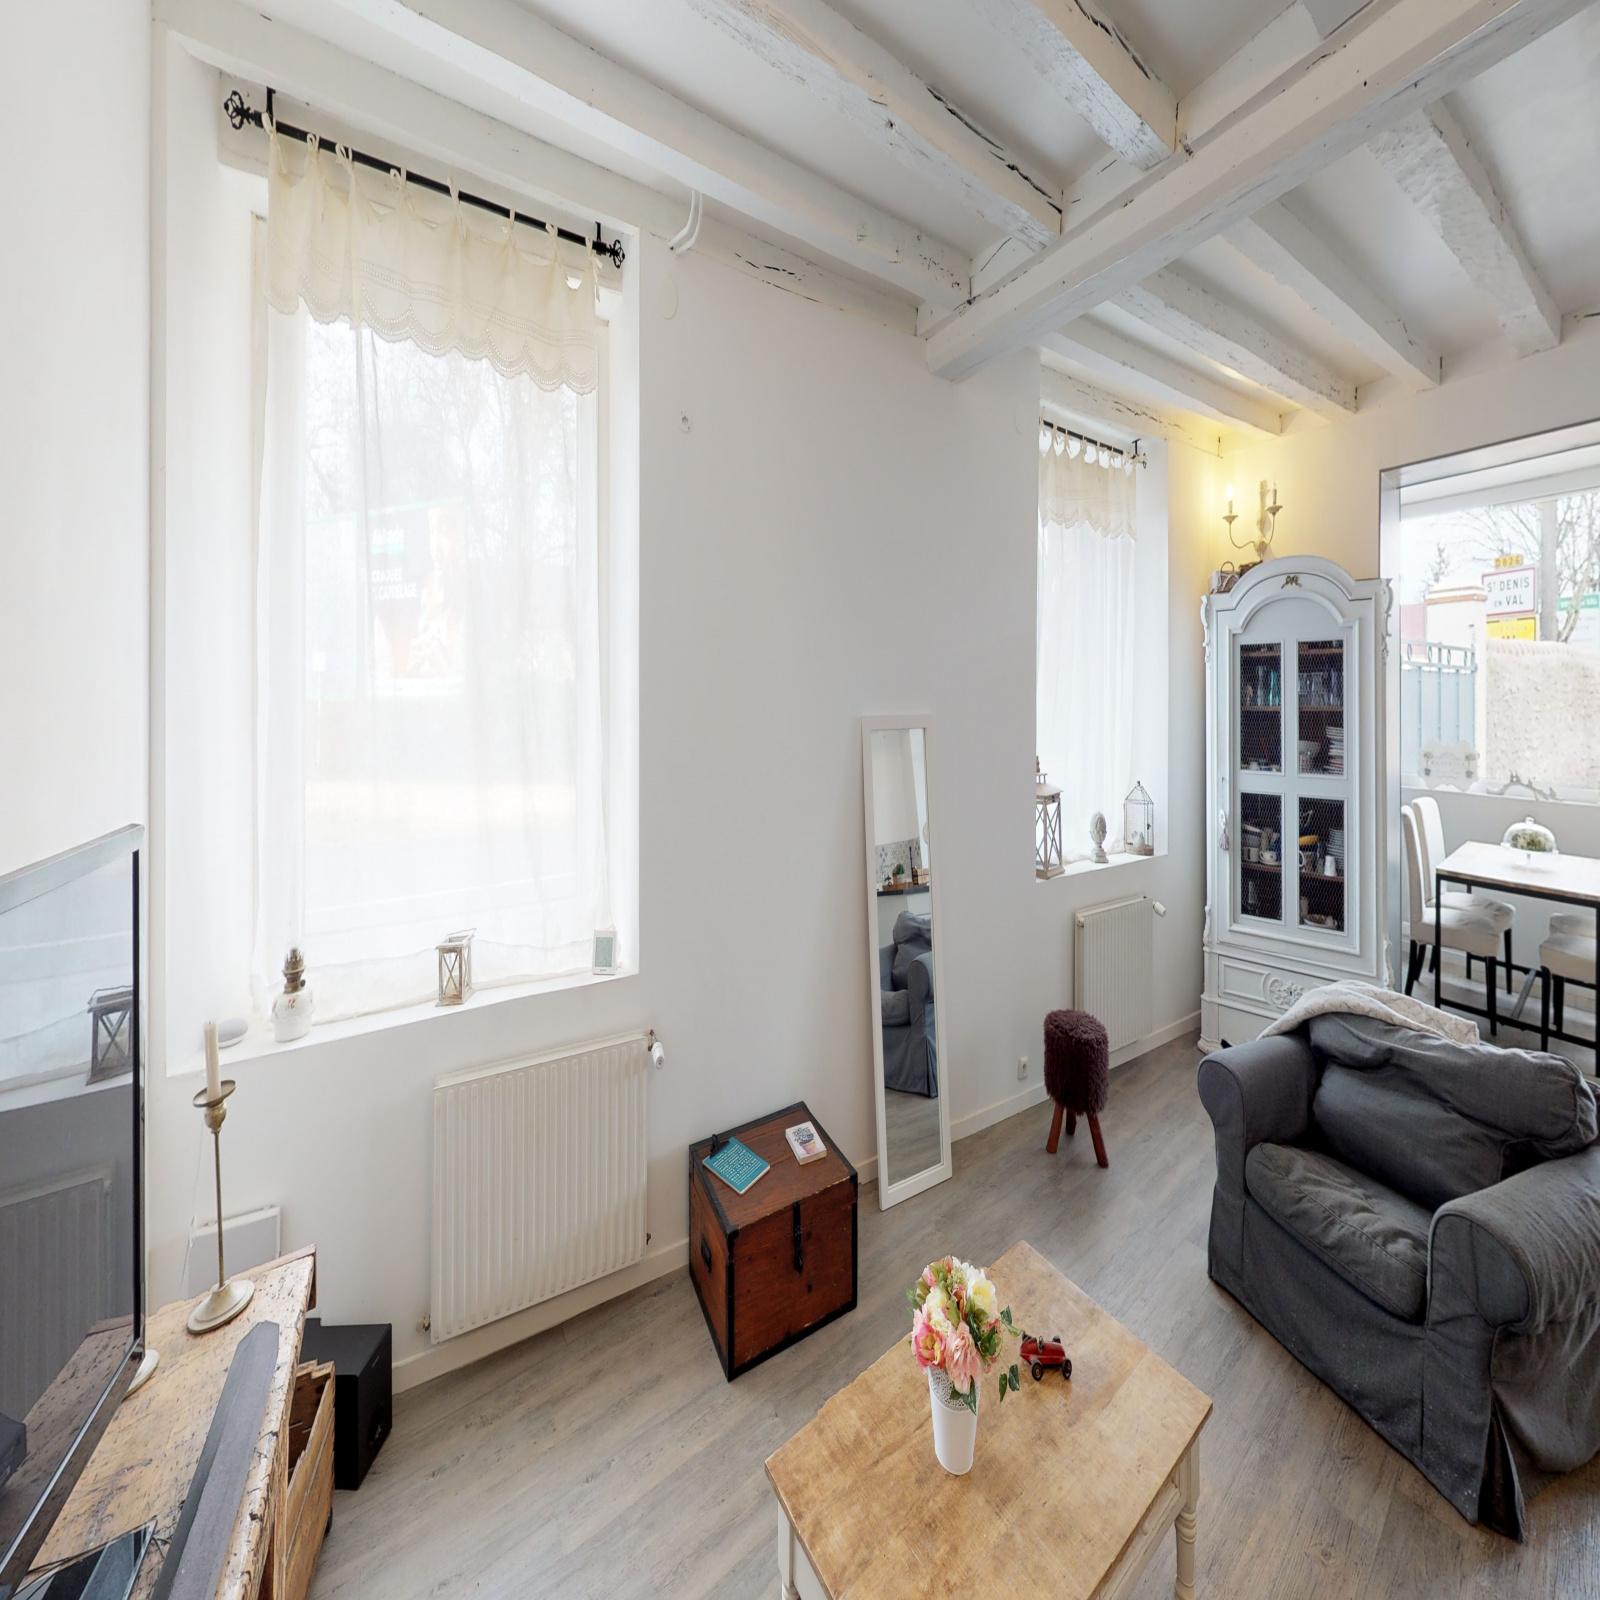 vente Maison T3 90 m2 sur 235 m2 de Terrain avec Garage